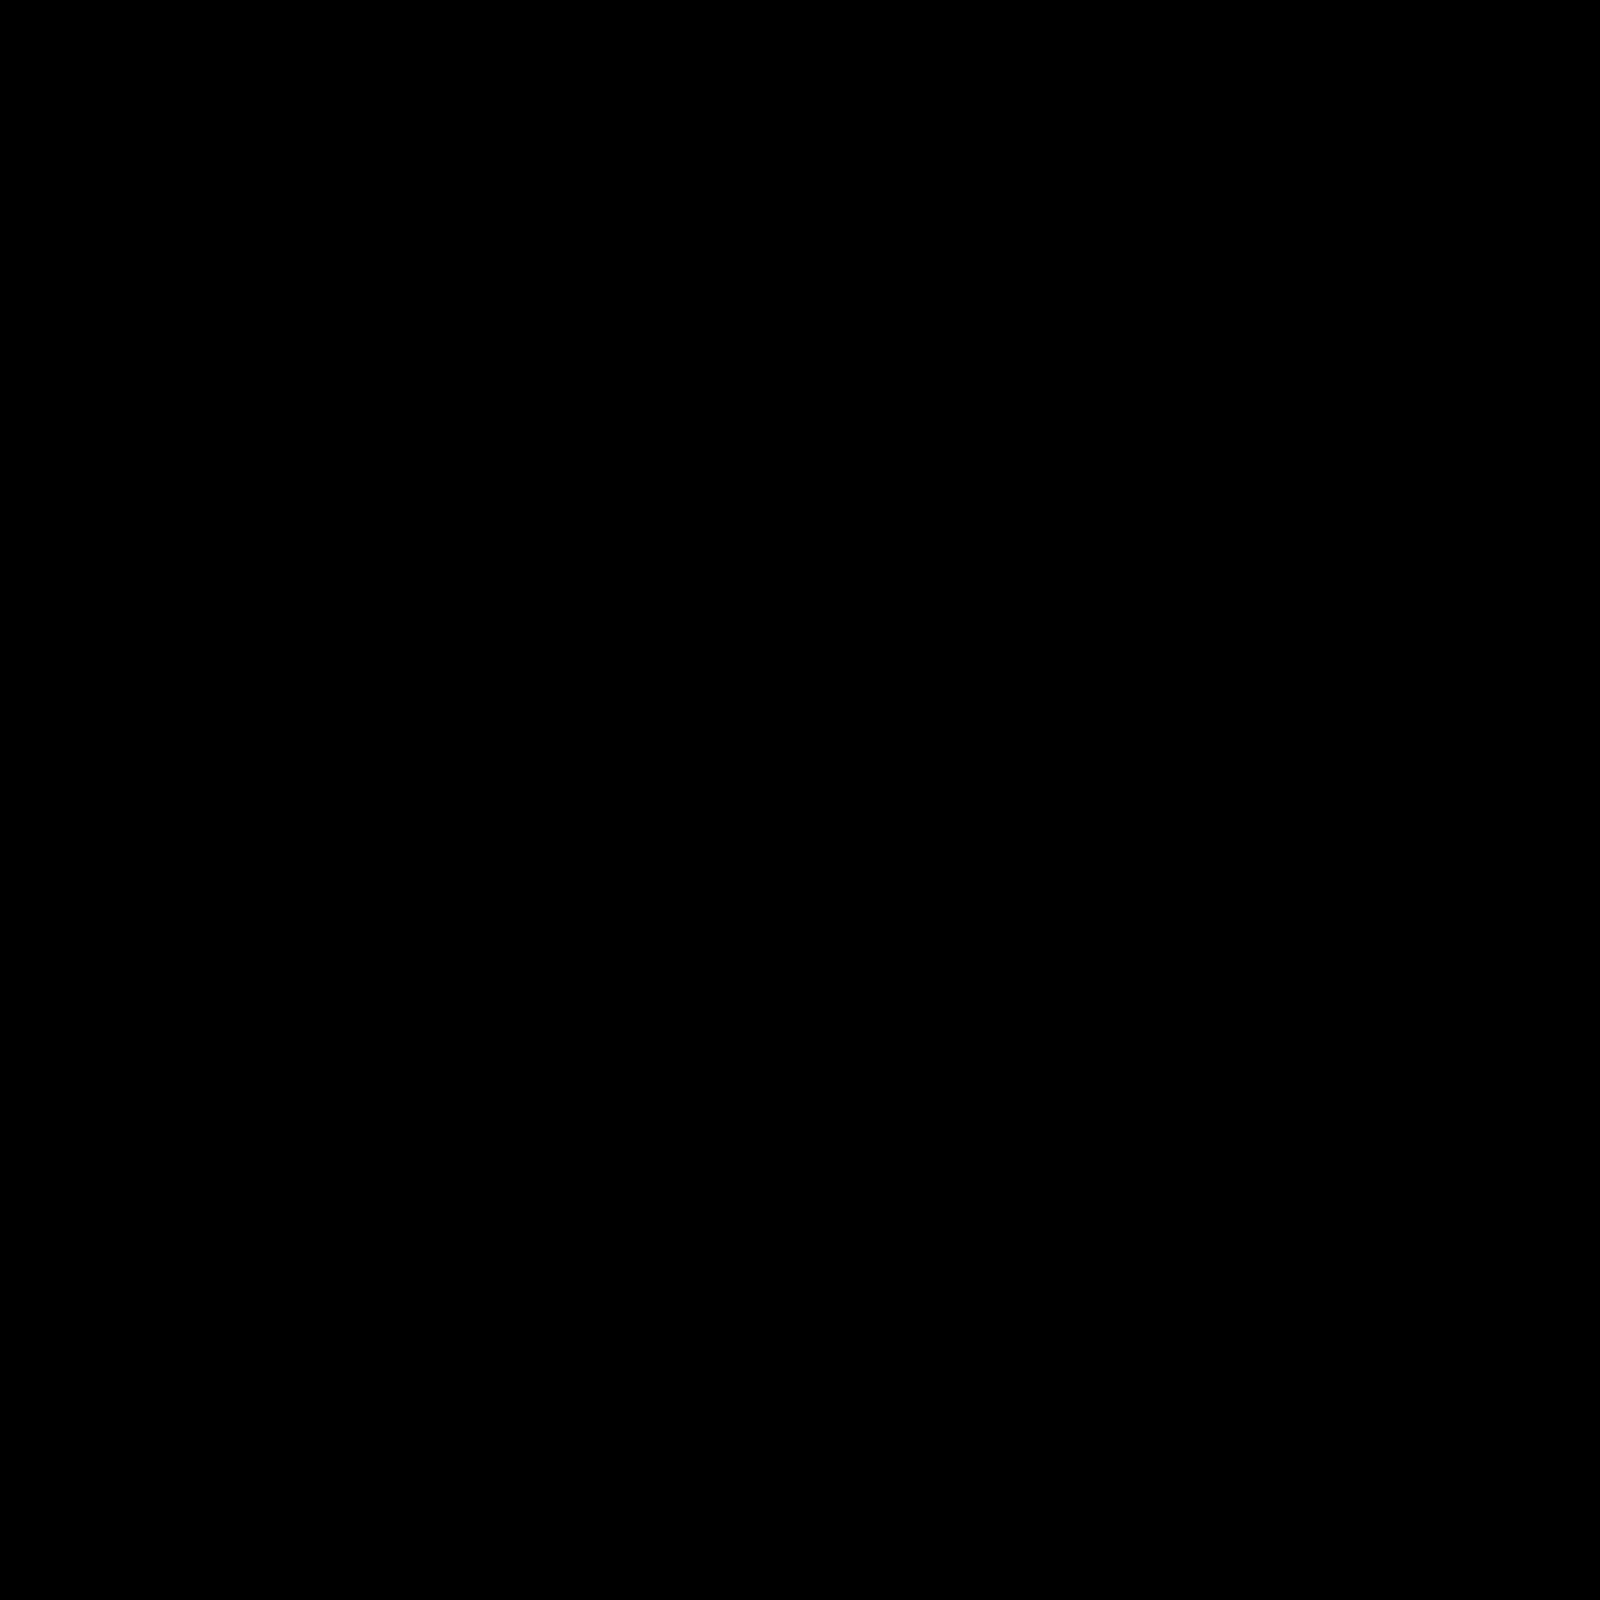 szczypce icon